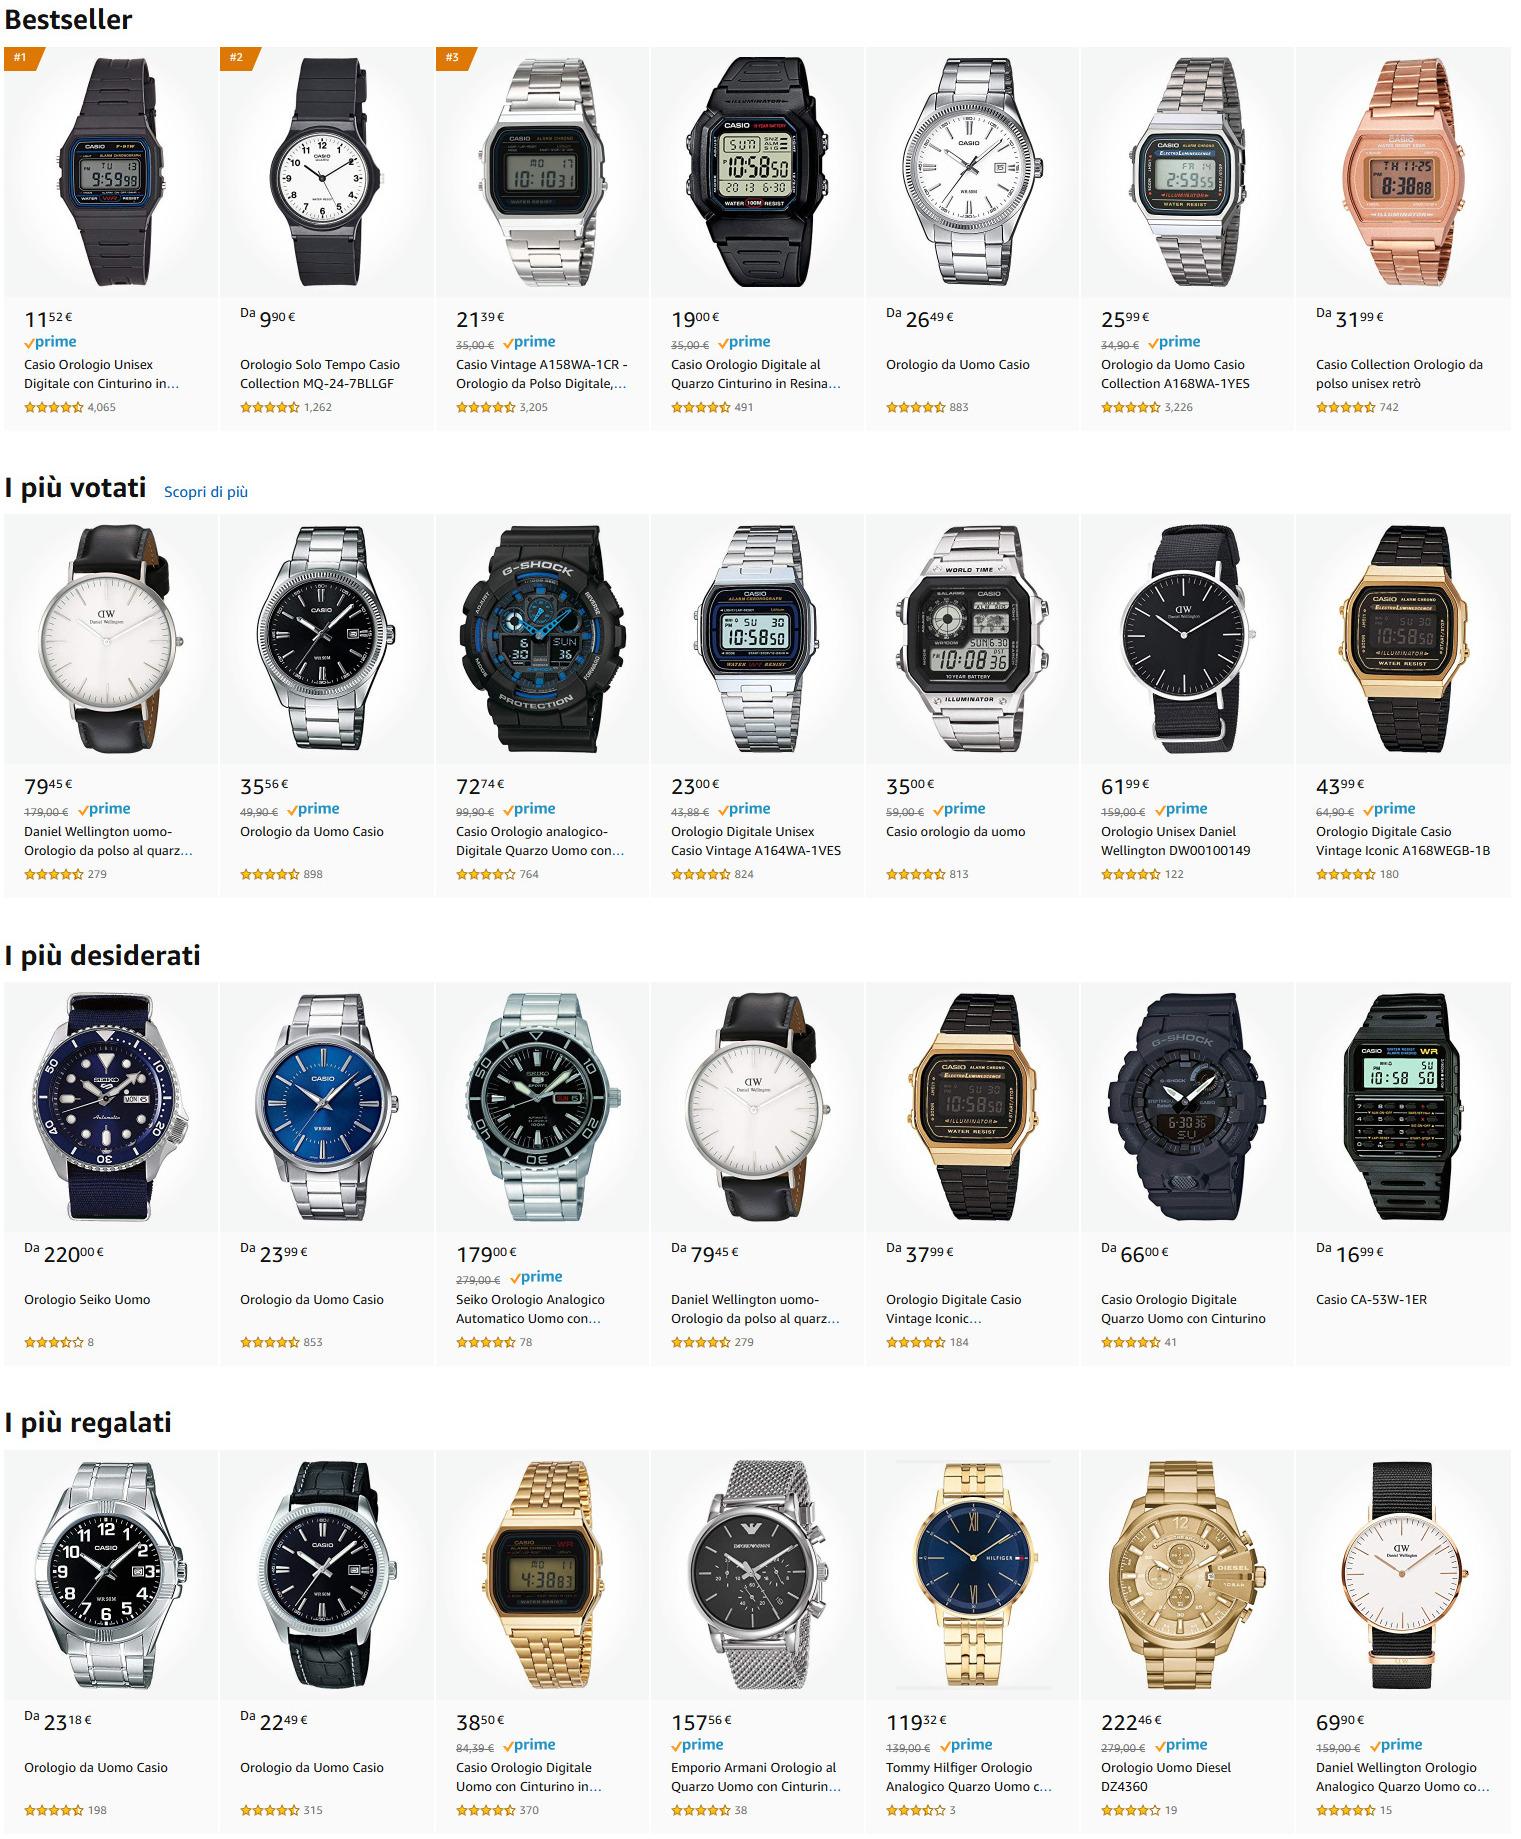 Migliori orologi da uomo 2019